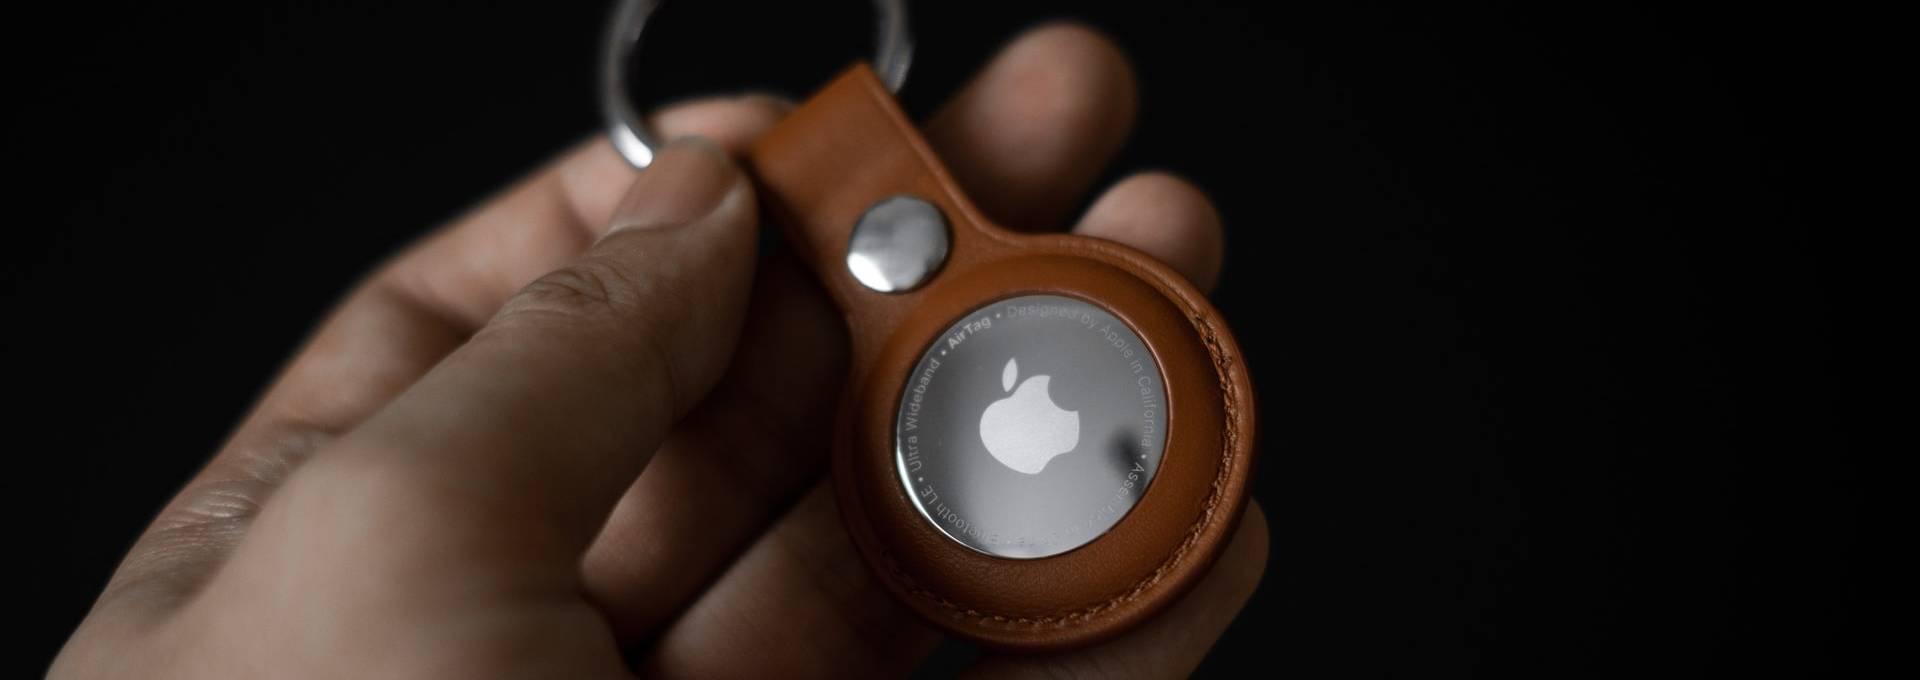 AirTag - der Schlüsselfinder von Apple